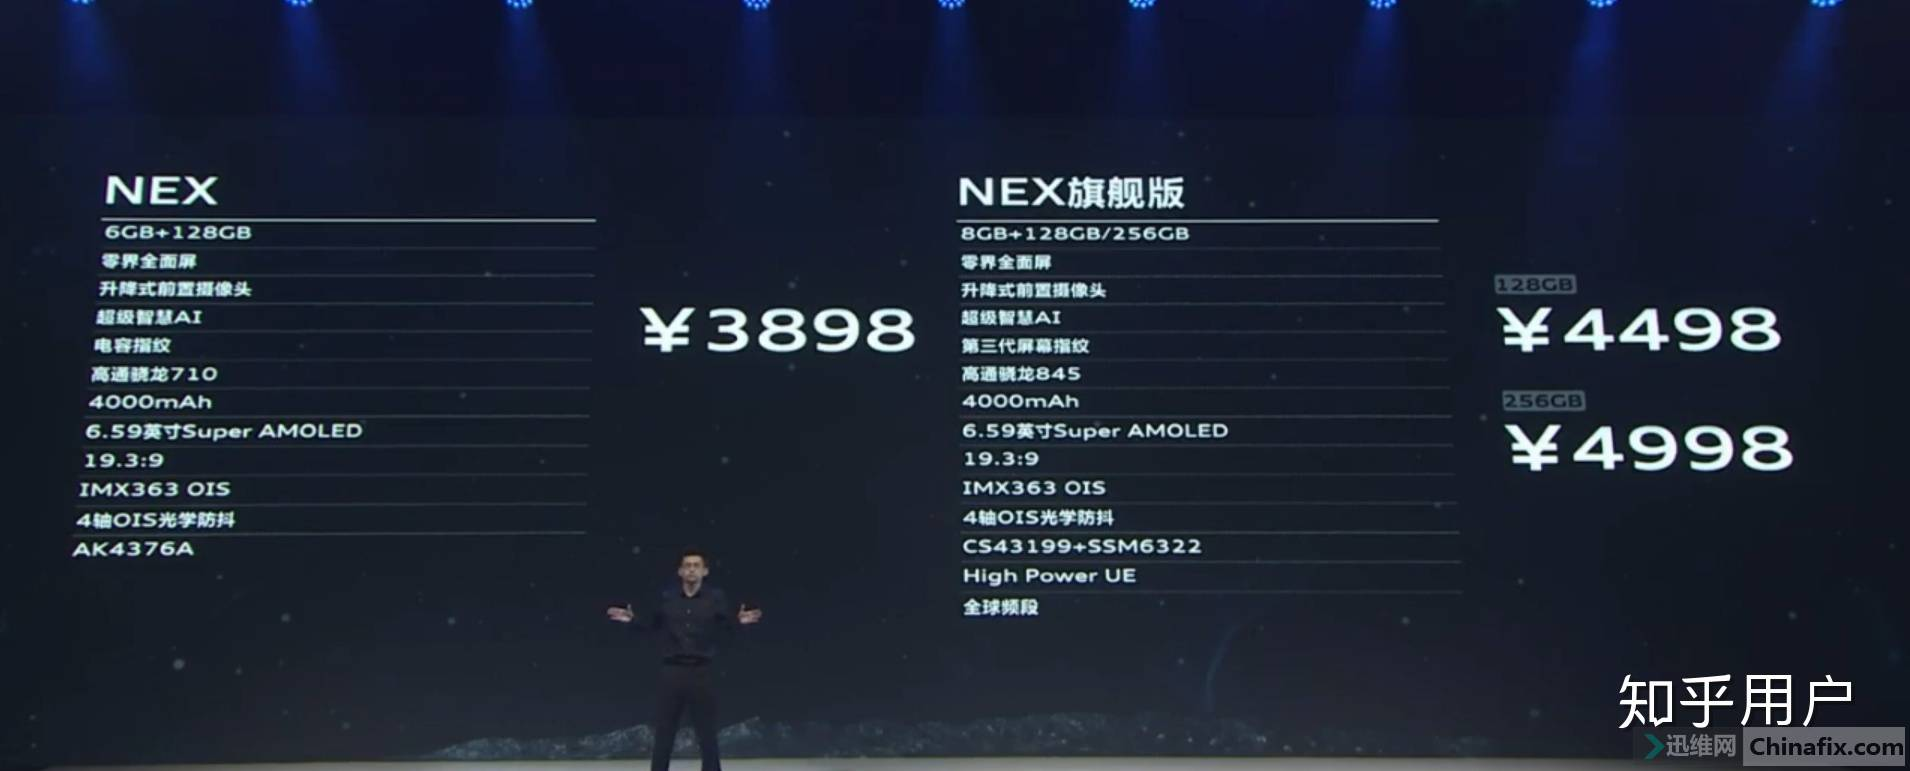 如何评价vivo最新发布的vivo NEX全面屏手机?-2.jpg